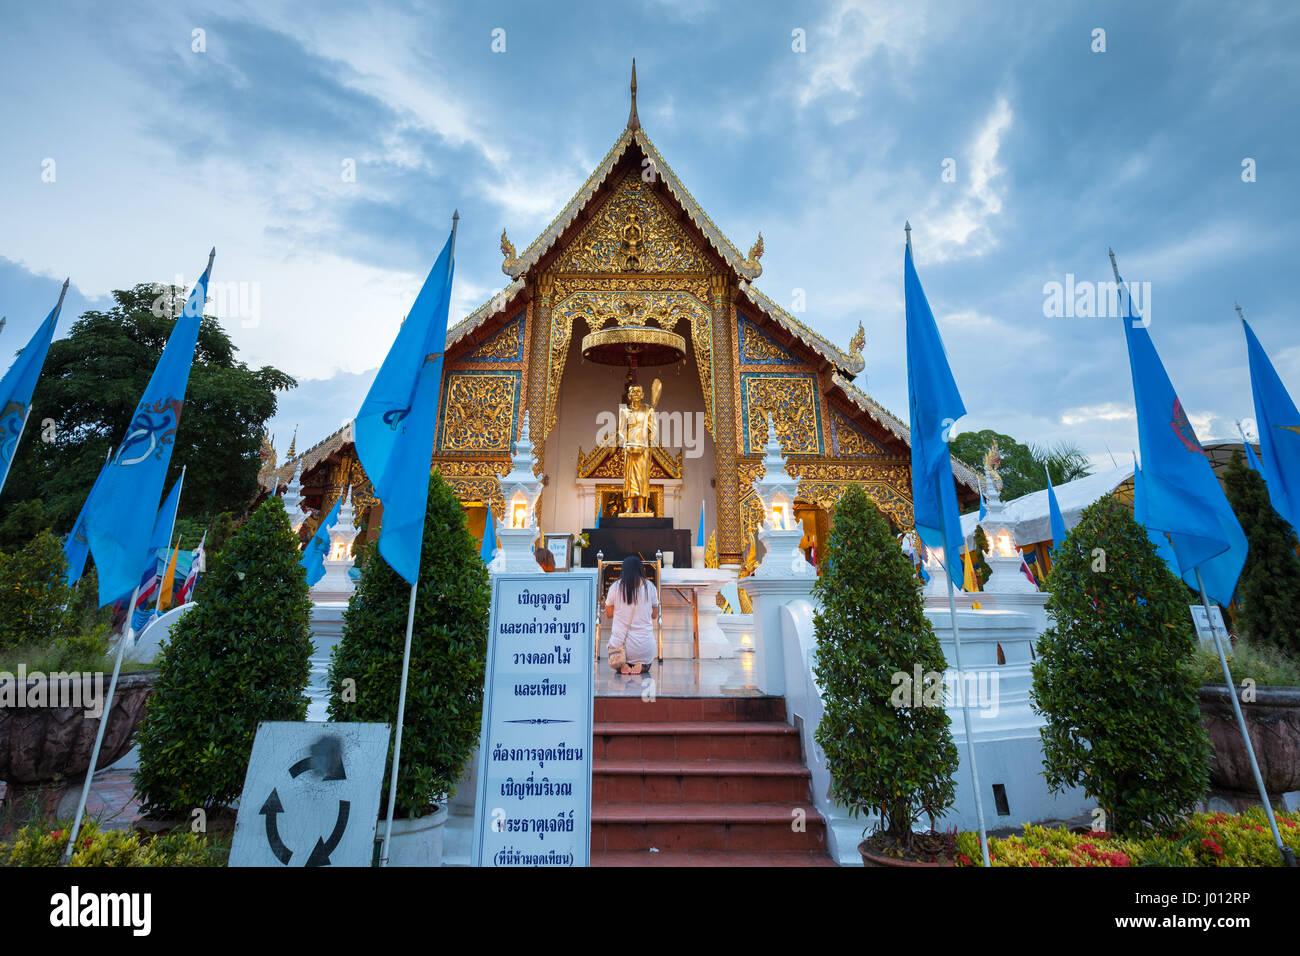 Chiang Mai, Tailandia - Agosto 21, 2016: la mujer de orar en el templo Wat Phra Singh decorado con banderas azules de Queens el 21 de agosto de 2016 en Chinag Mai, Tha Foto de stock